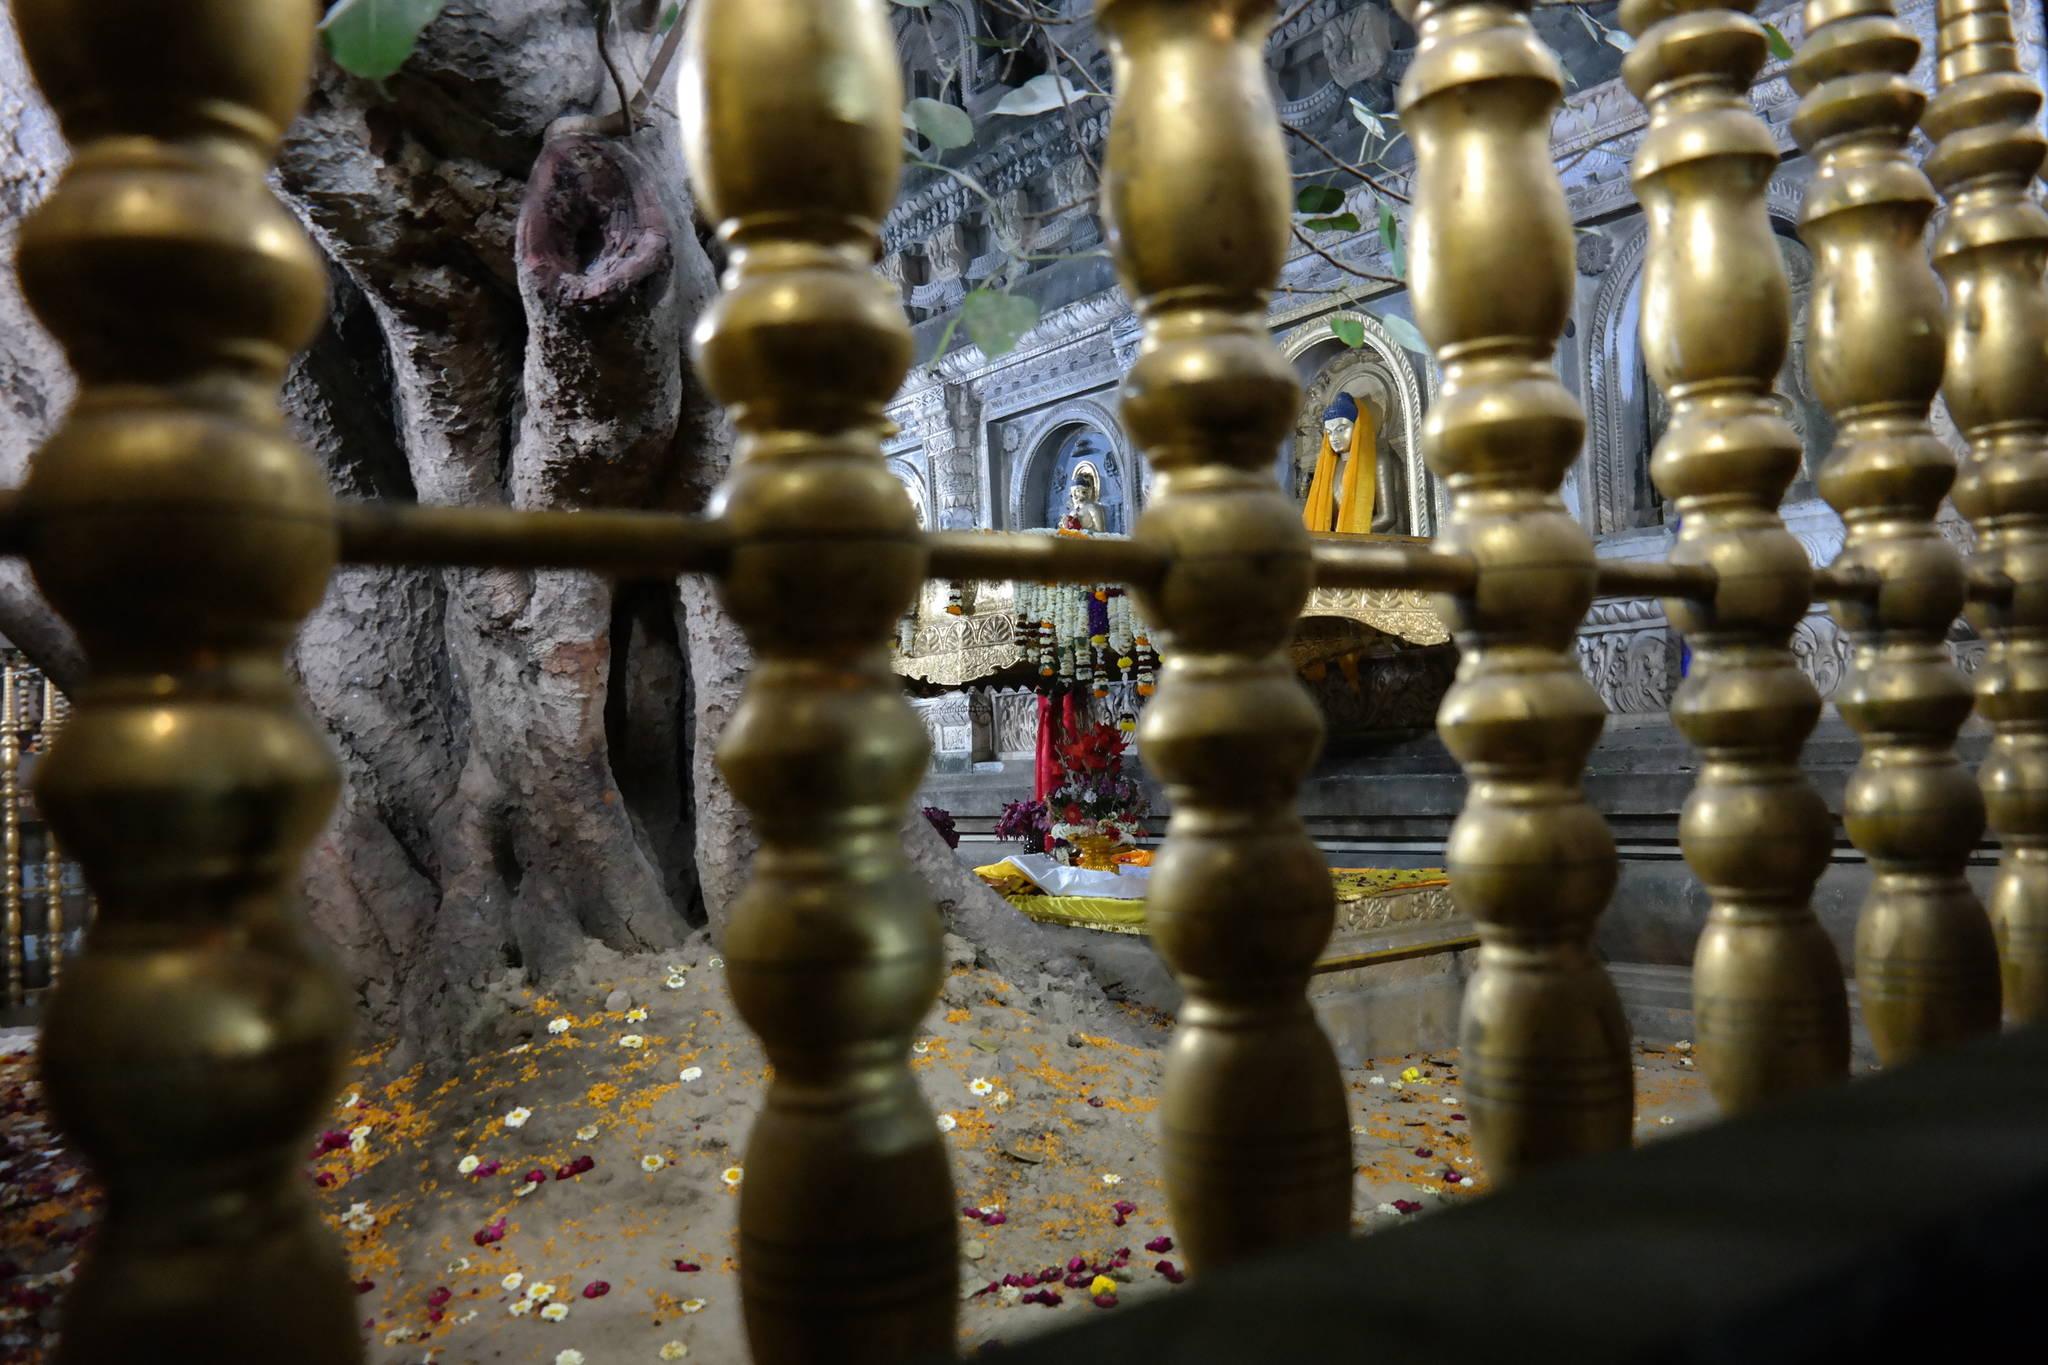 보리수 둘레에 세워진 울타리 사이로 싯다르타가 앉았던 금강좌가 보인다. 보리수 오른편 아래에 꽃들이 놓여 있는 사각의 돌이 금강좌다. 백성호 기자